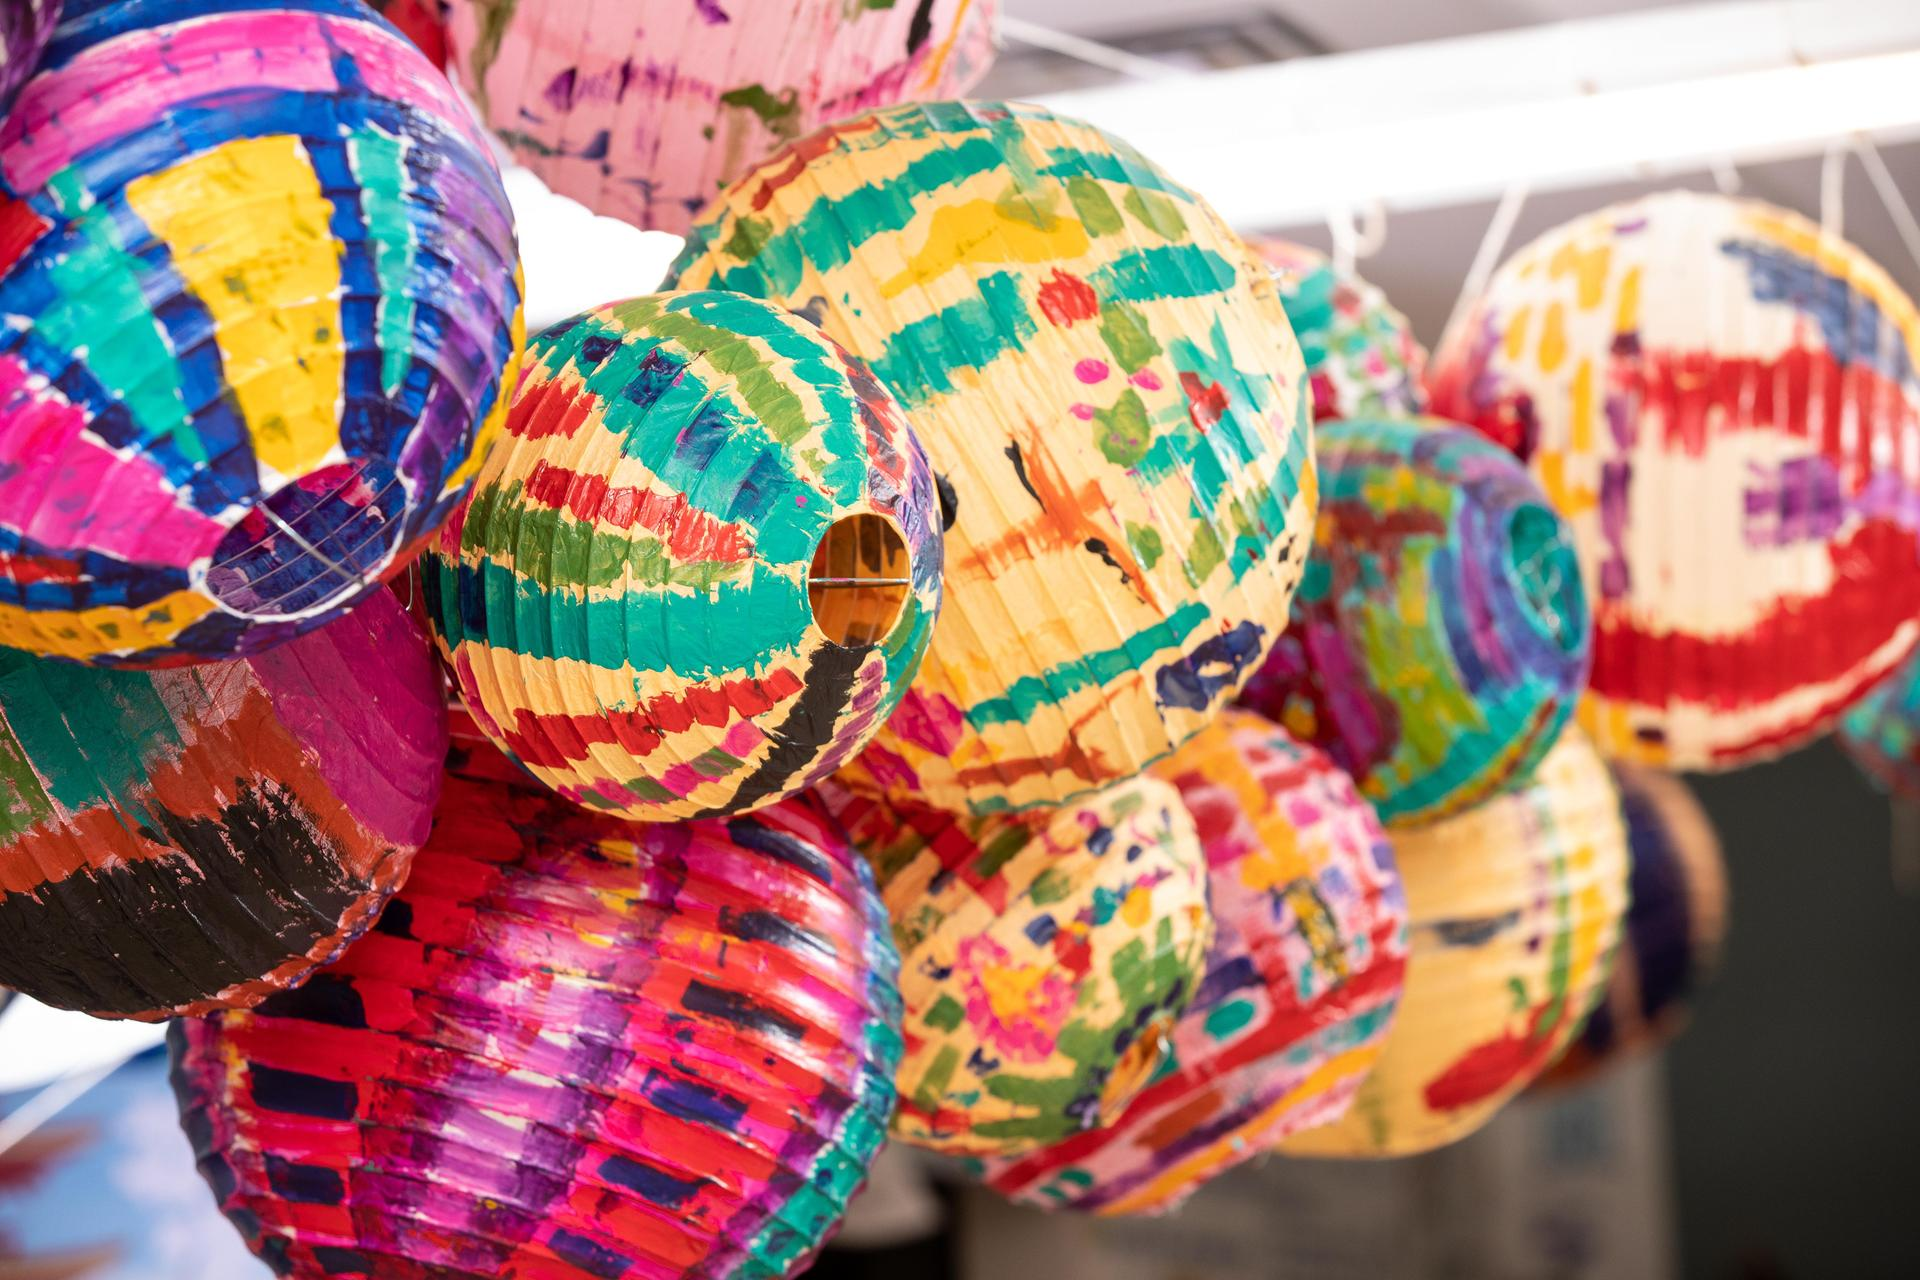 Lanterns created for Korean lantern festival